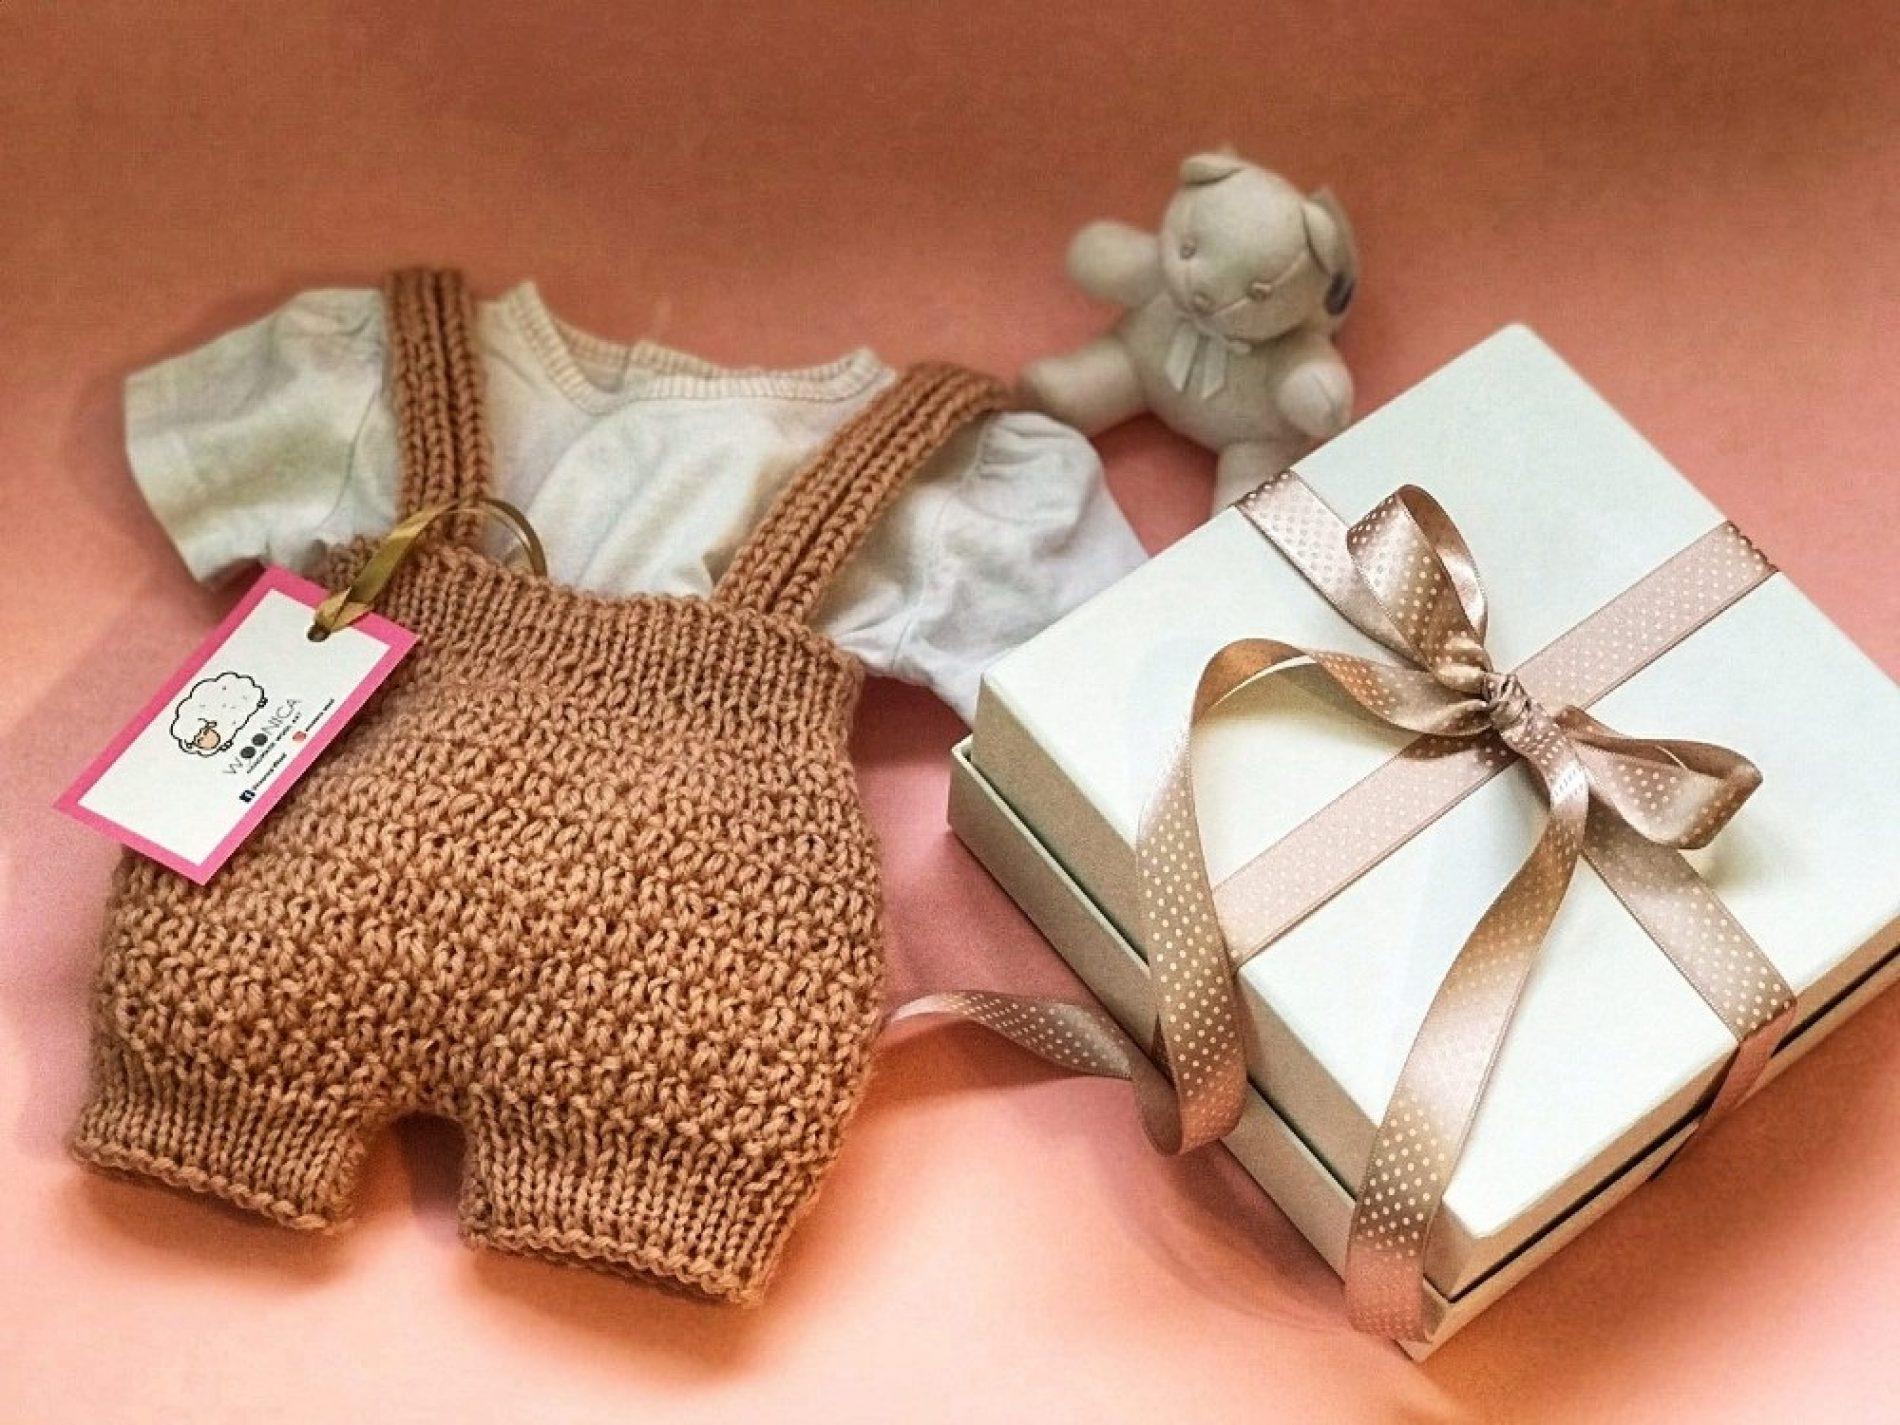 Woonica Wool: Od ljubavi prema pletenju do novog brenda za dojenčad